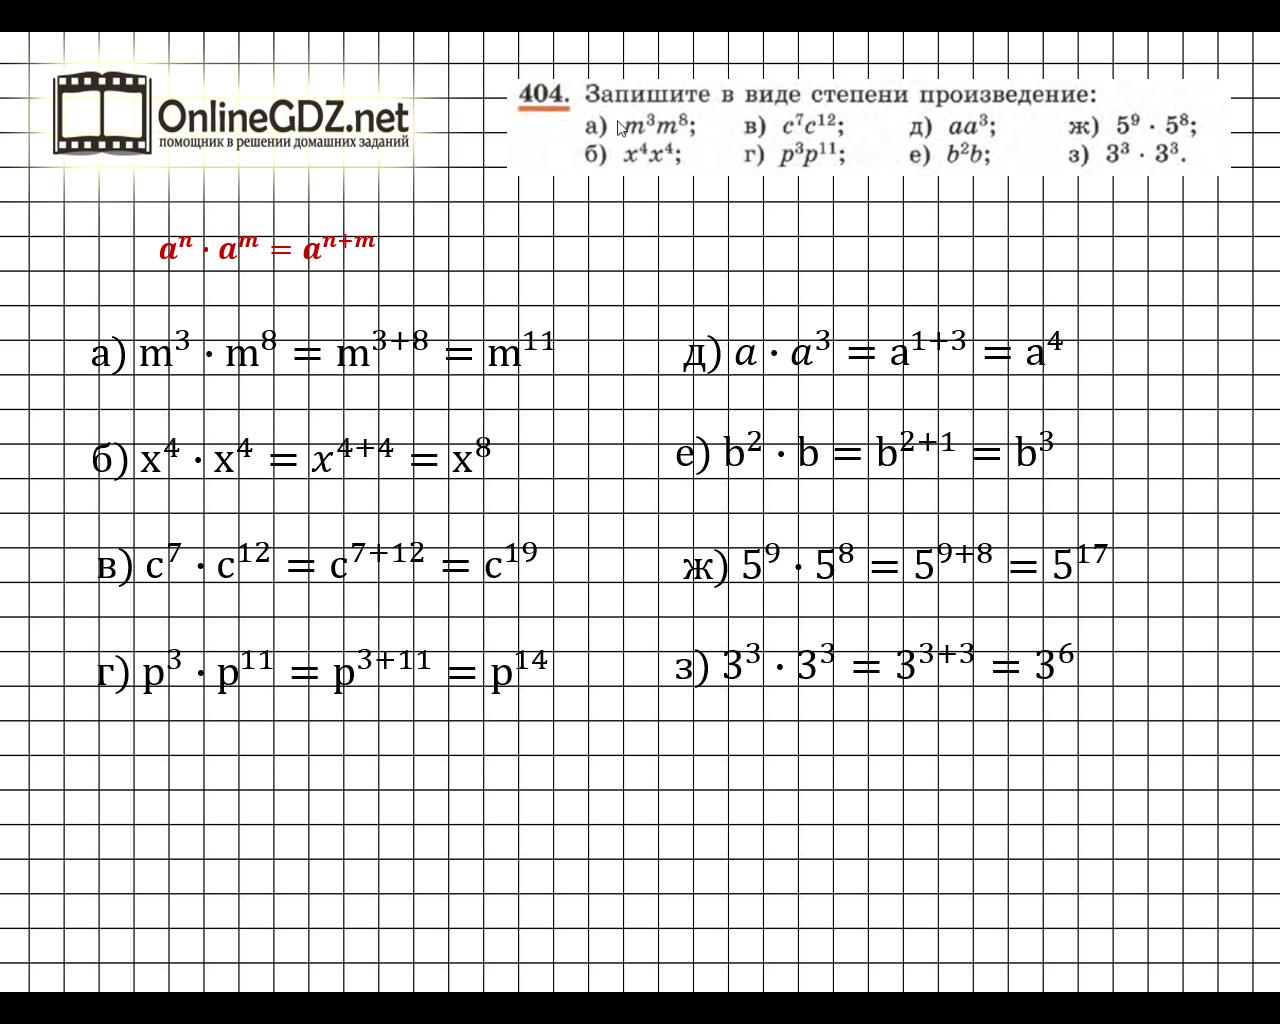 Алгебра и начала анализа учебник для 10-11 классов башмаков м.и решебник